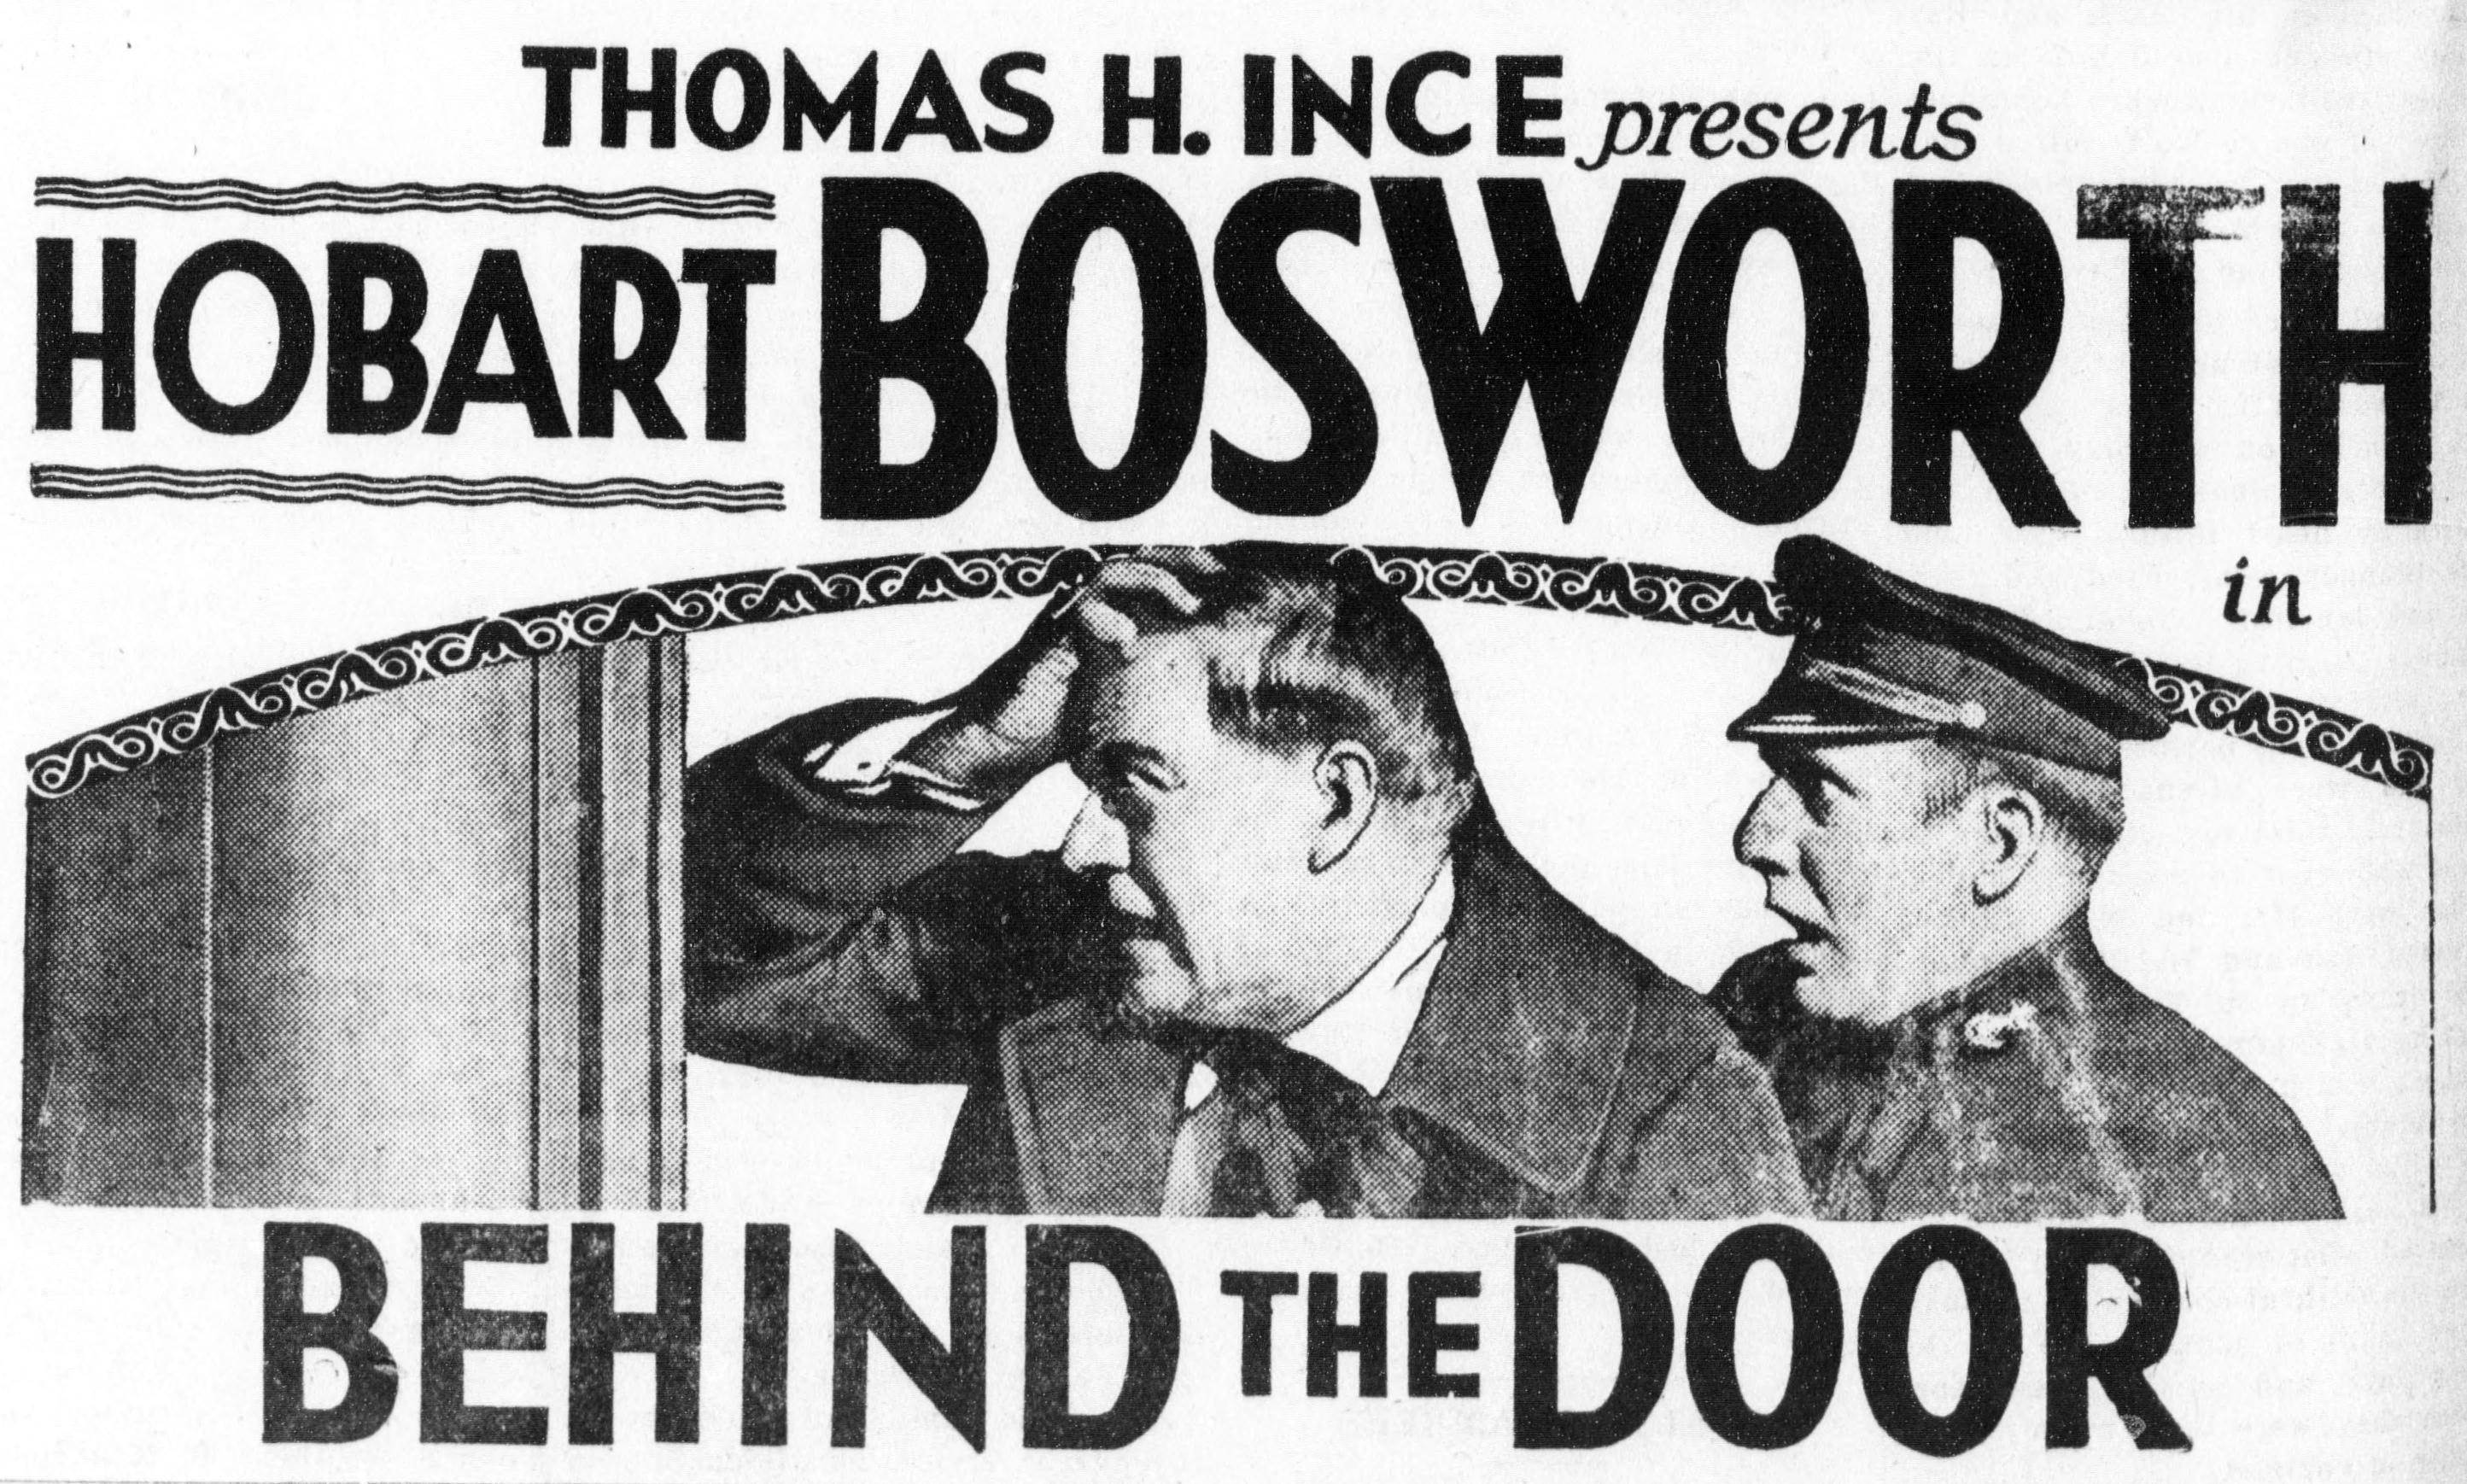 Behindthedoor-1920-newspaperad.jpg